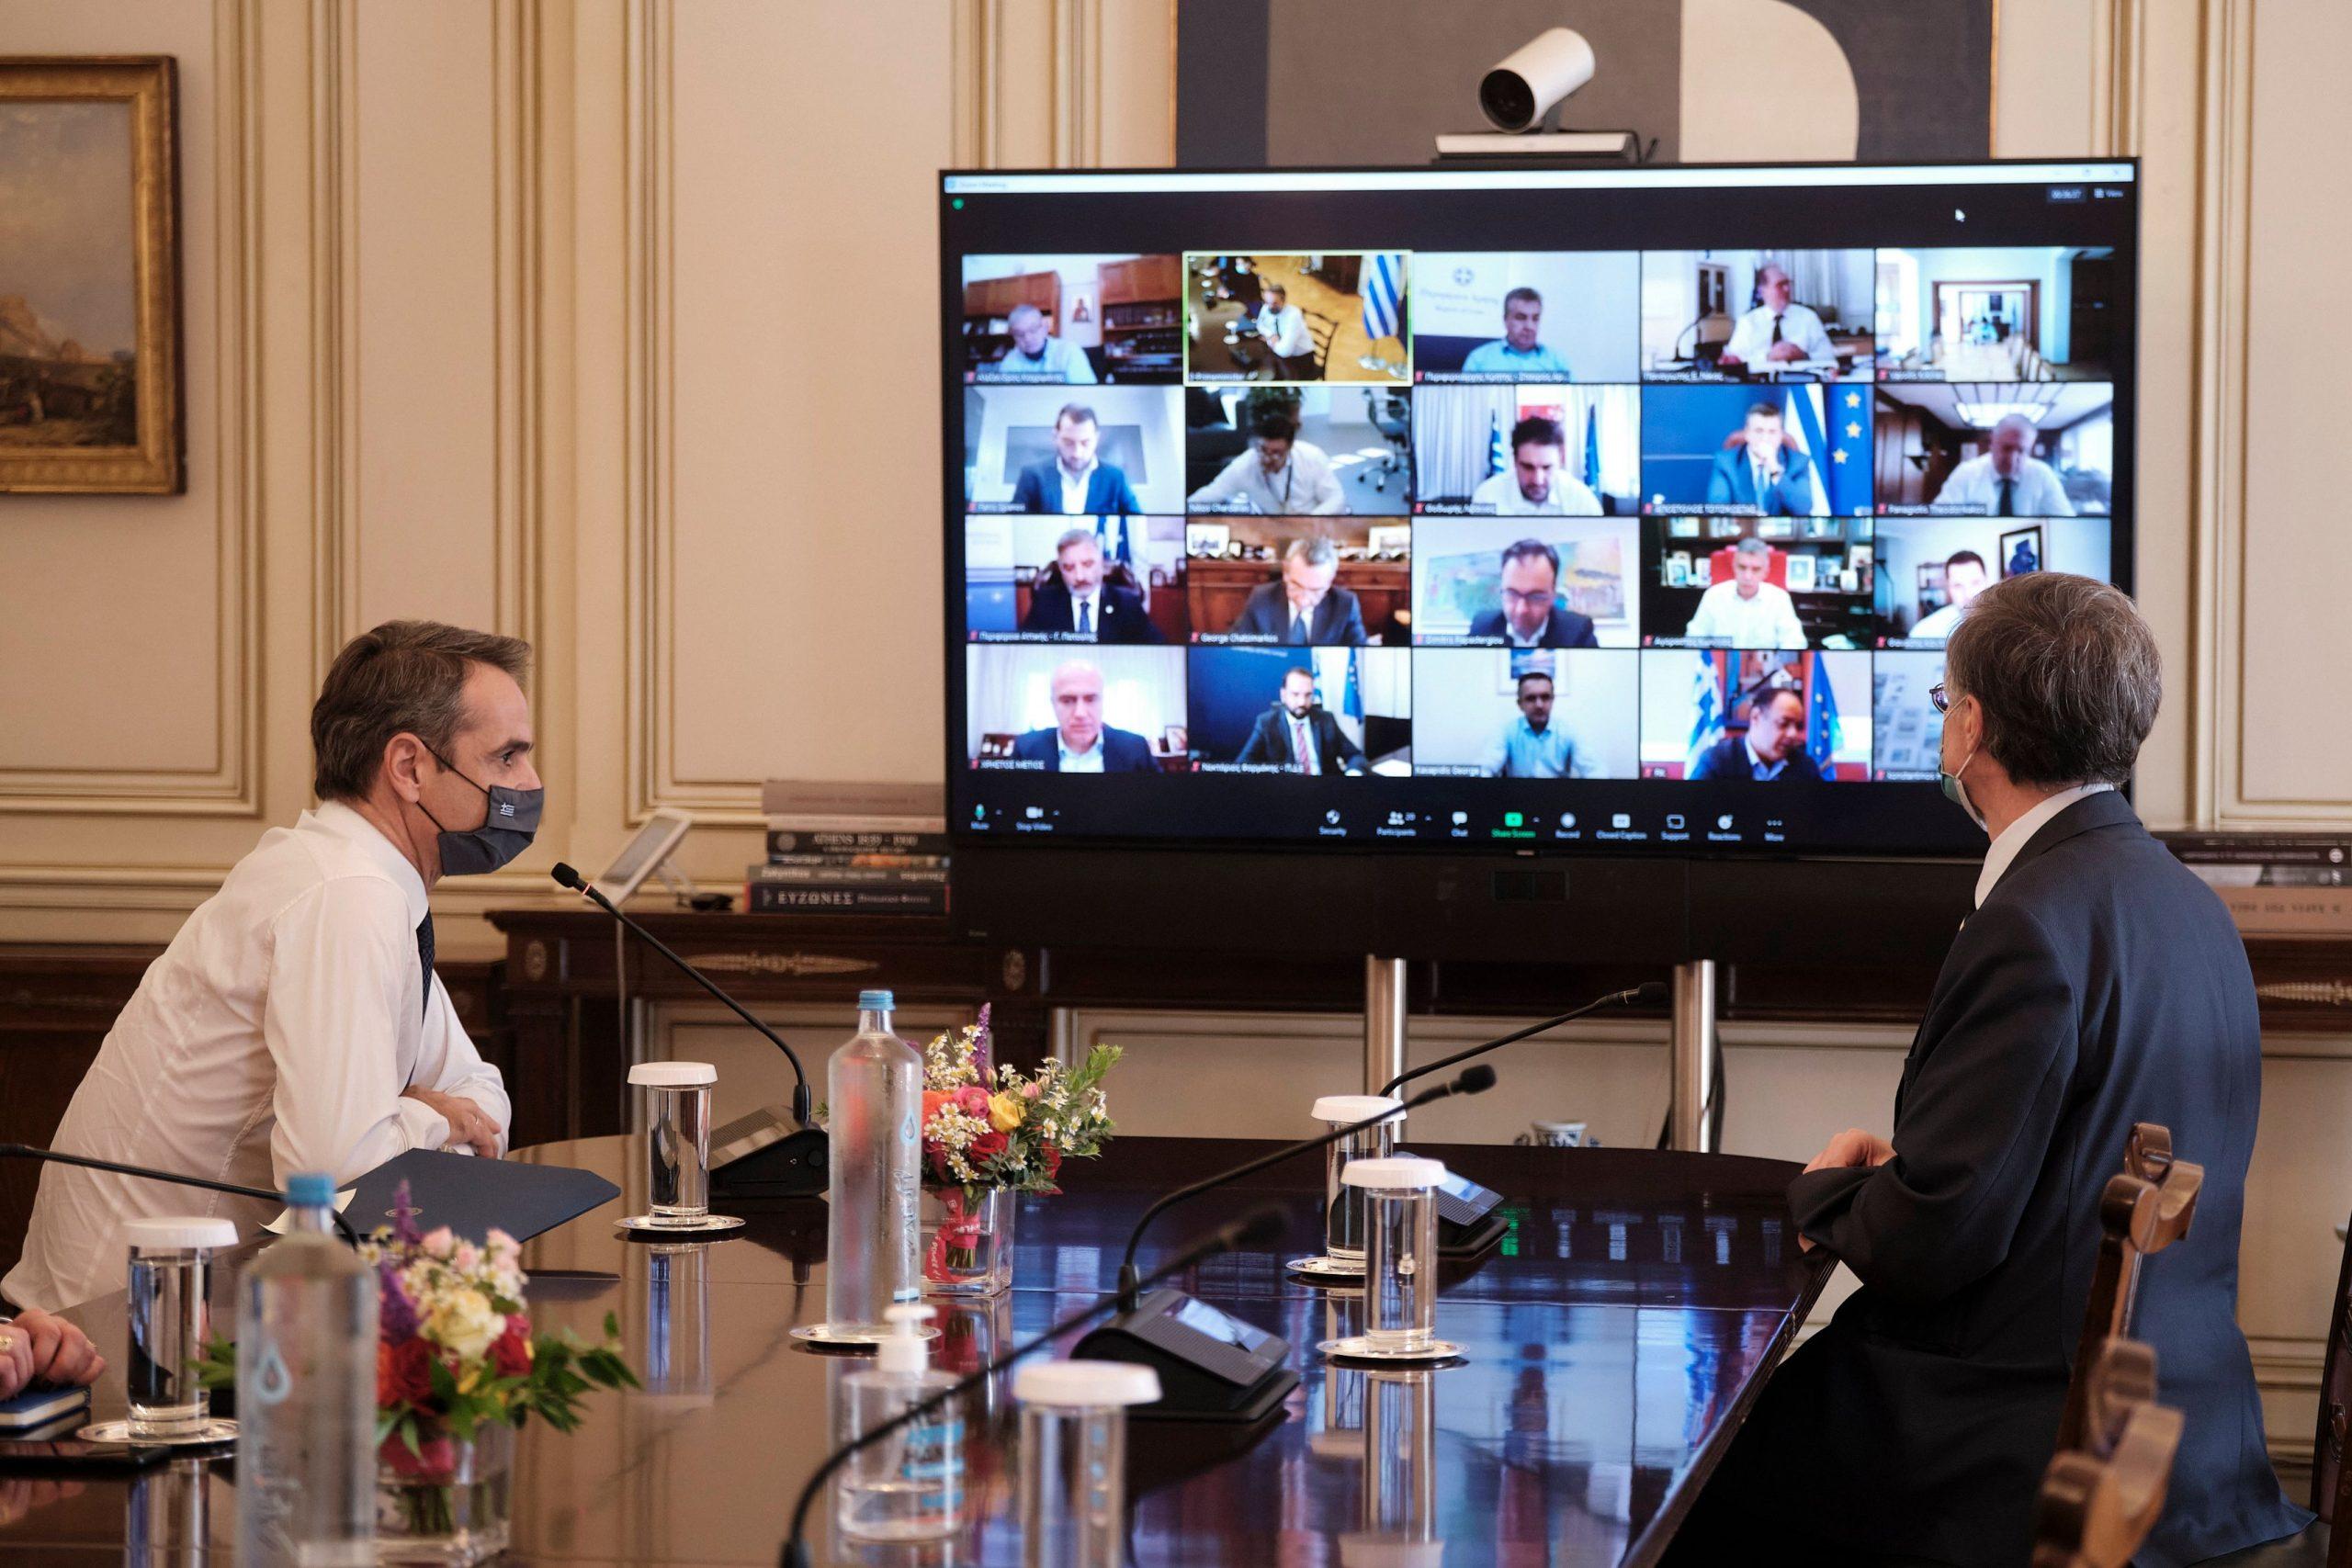 Στενότερη συνεργασία από τους περιφερειάρχες για την αντιμετώπιση της πανδημίας, ζήτησε ο Κυρ. Μητσοτάκης